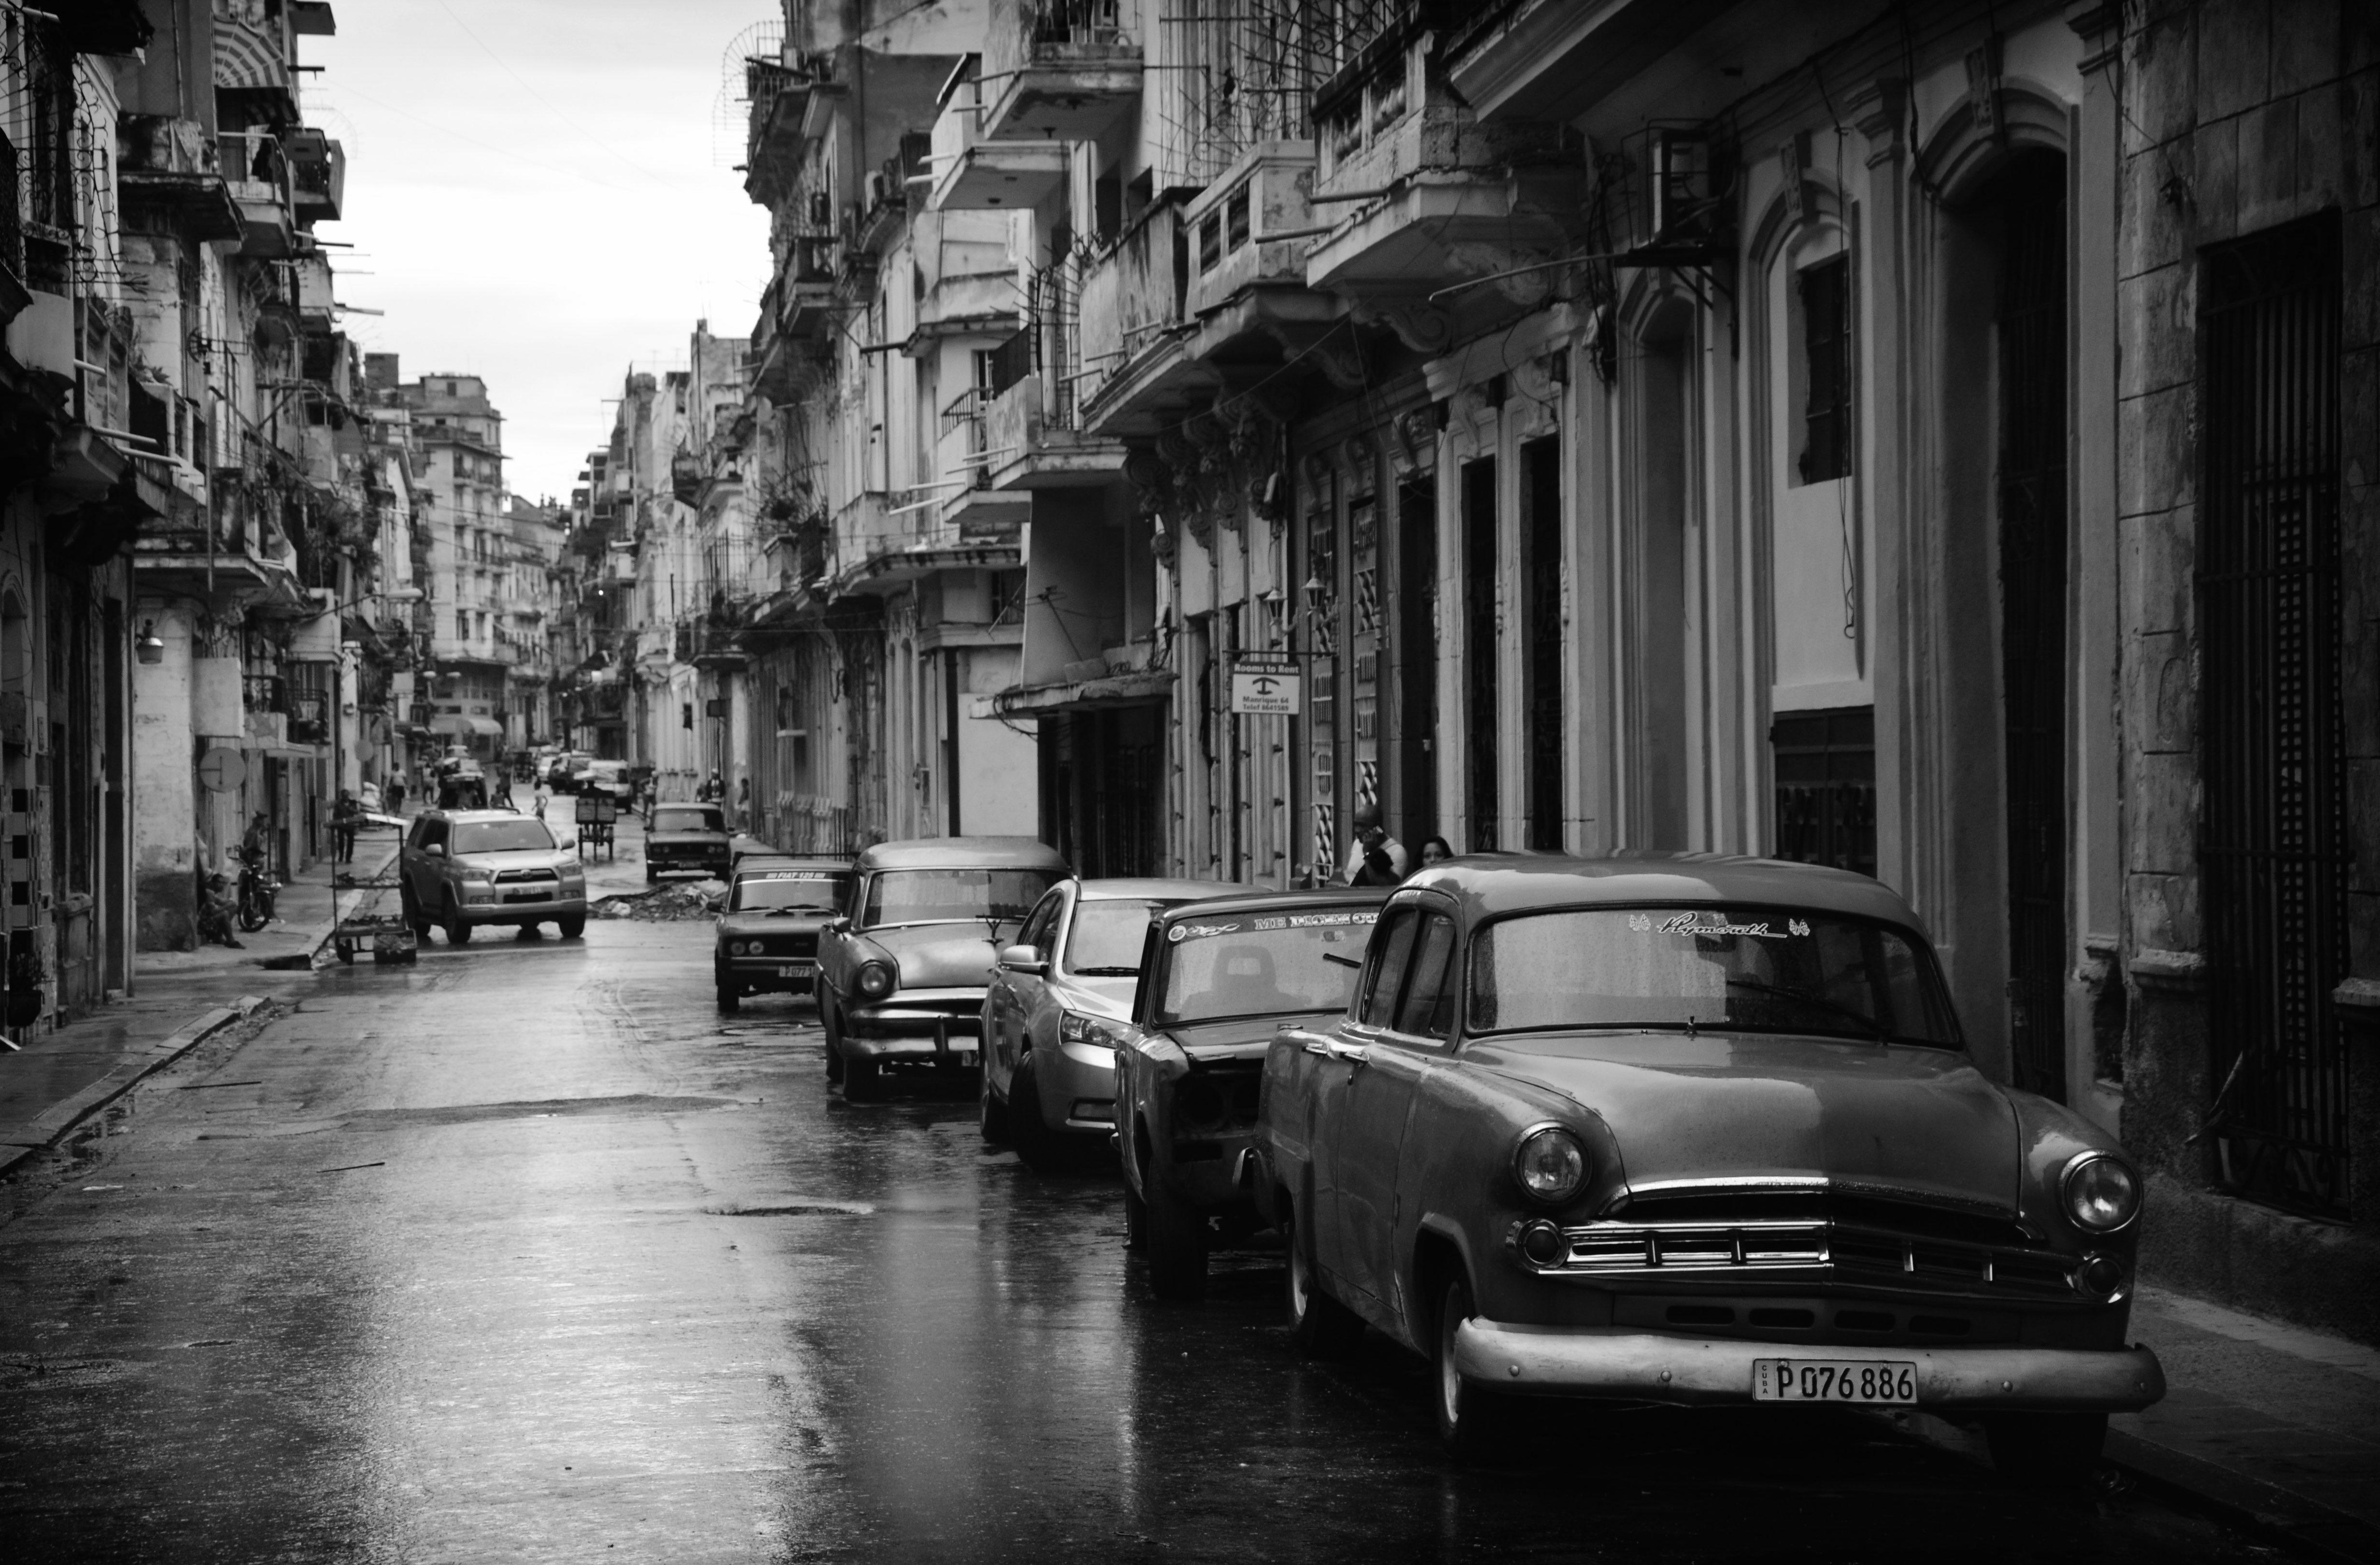 Vintage cars on a street